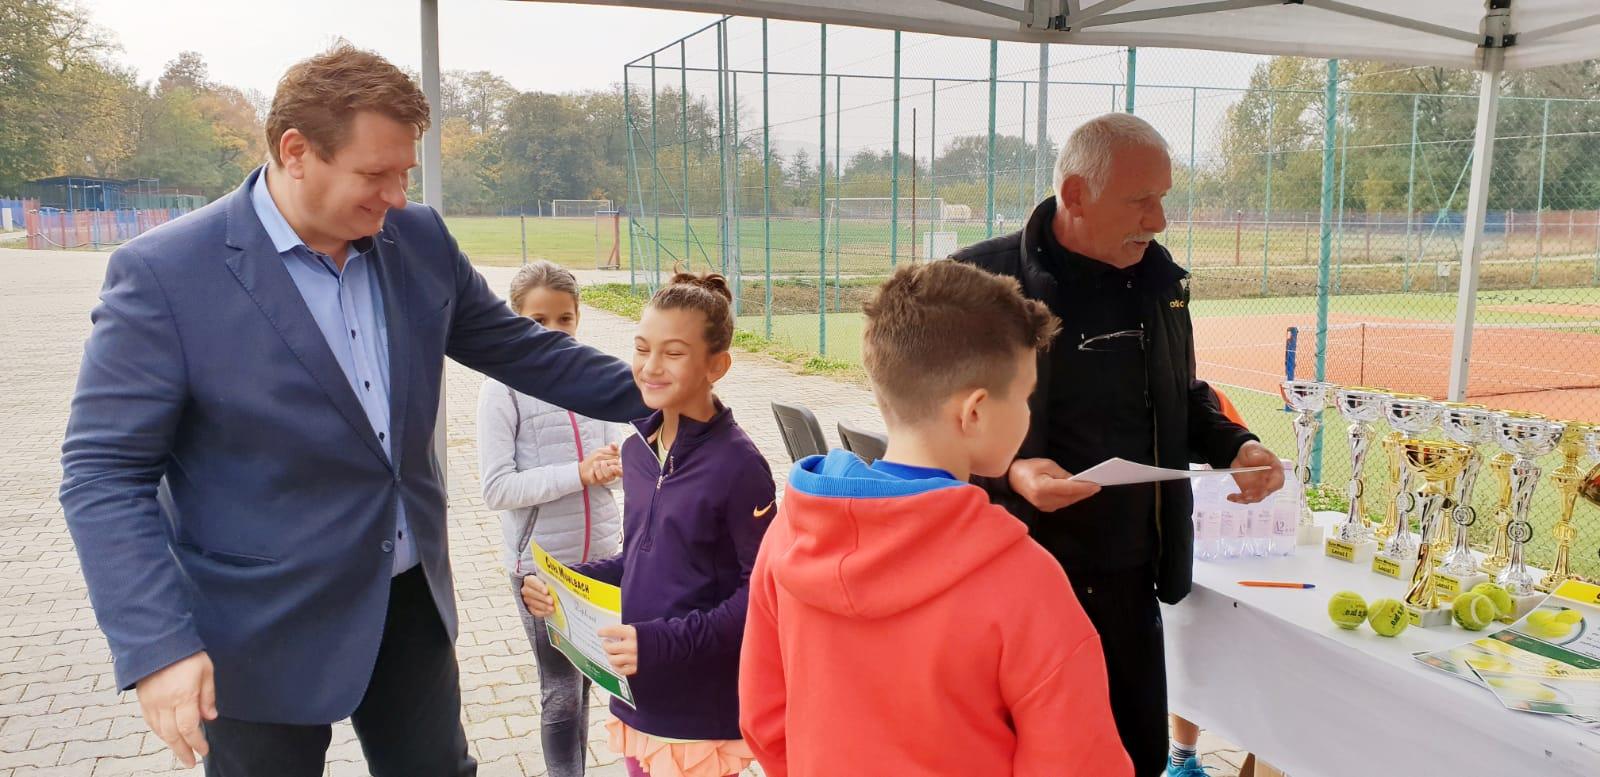 Municipiul Sebeș a depus, la Compania Națională de Investiții, proiectele pentru construirea a două baze sportive